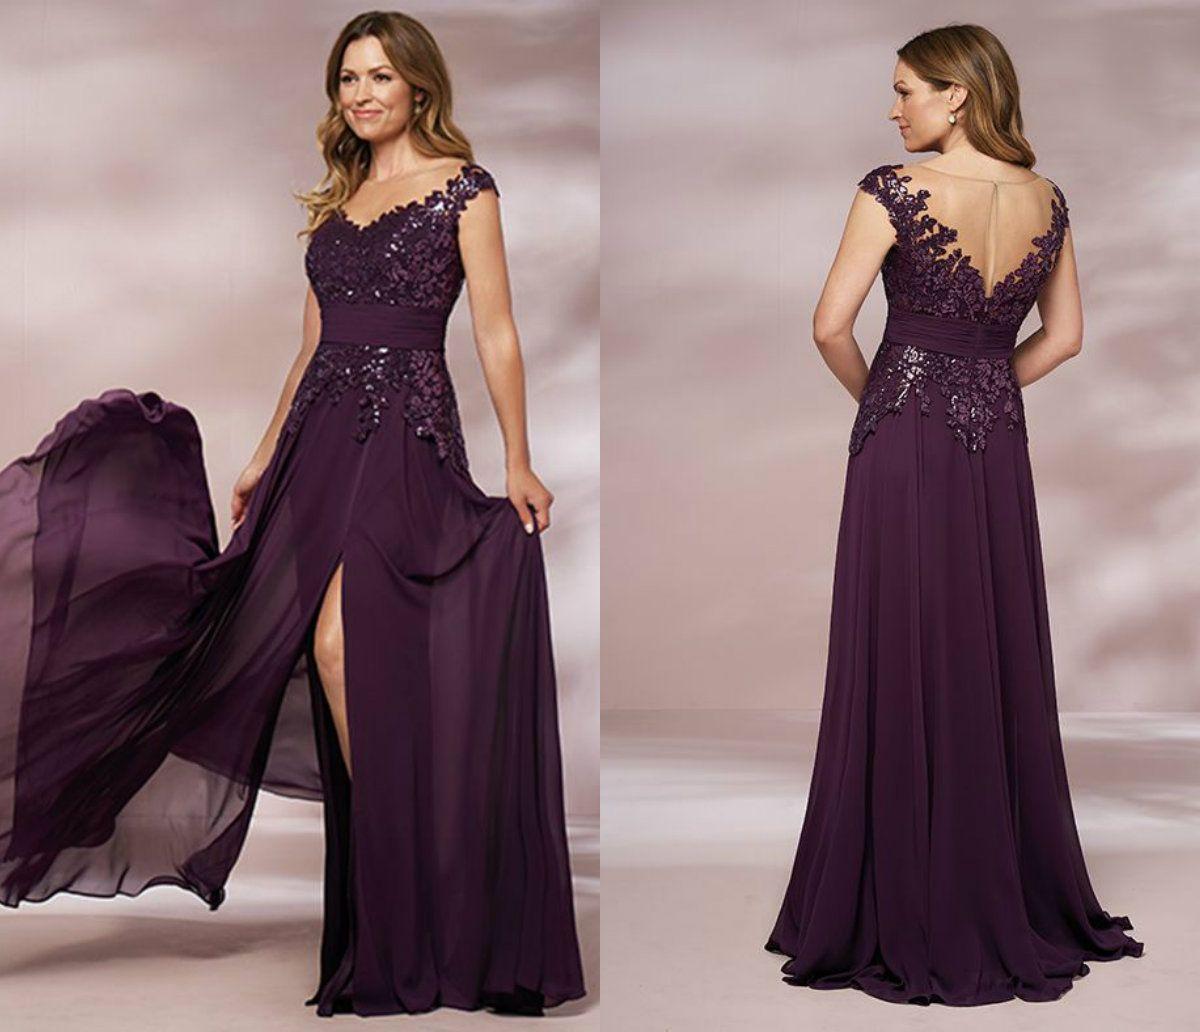 Roxo Mãe Dos Vestidos De Noiva Com Cinto V Neck Lace Lantejoulas Apliques Elegantes Do Convidado Do Casamento Do Vestido Side Dividir Chiffon Plus Size vestidos